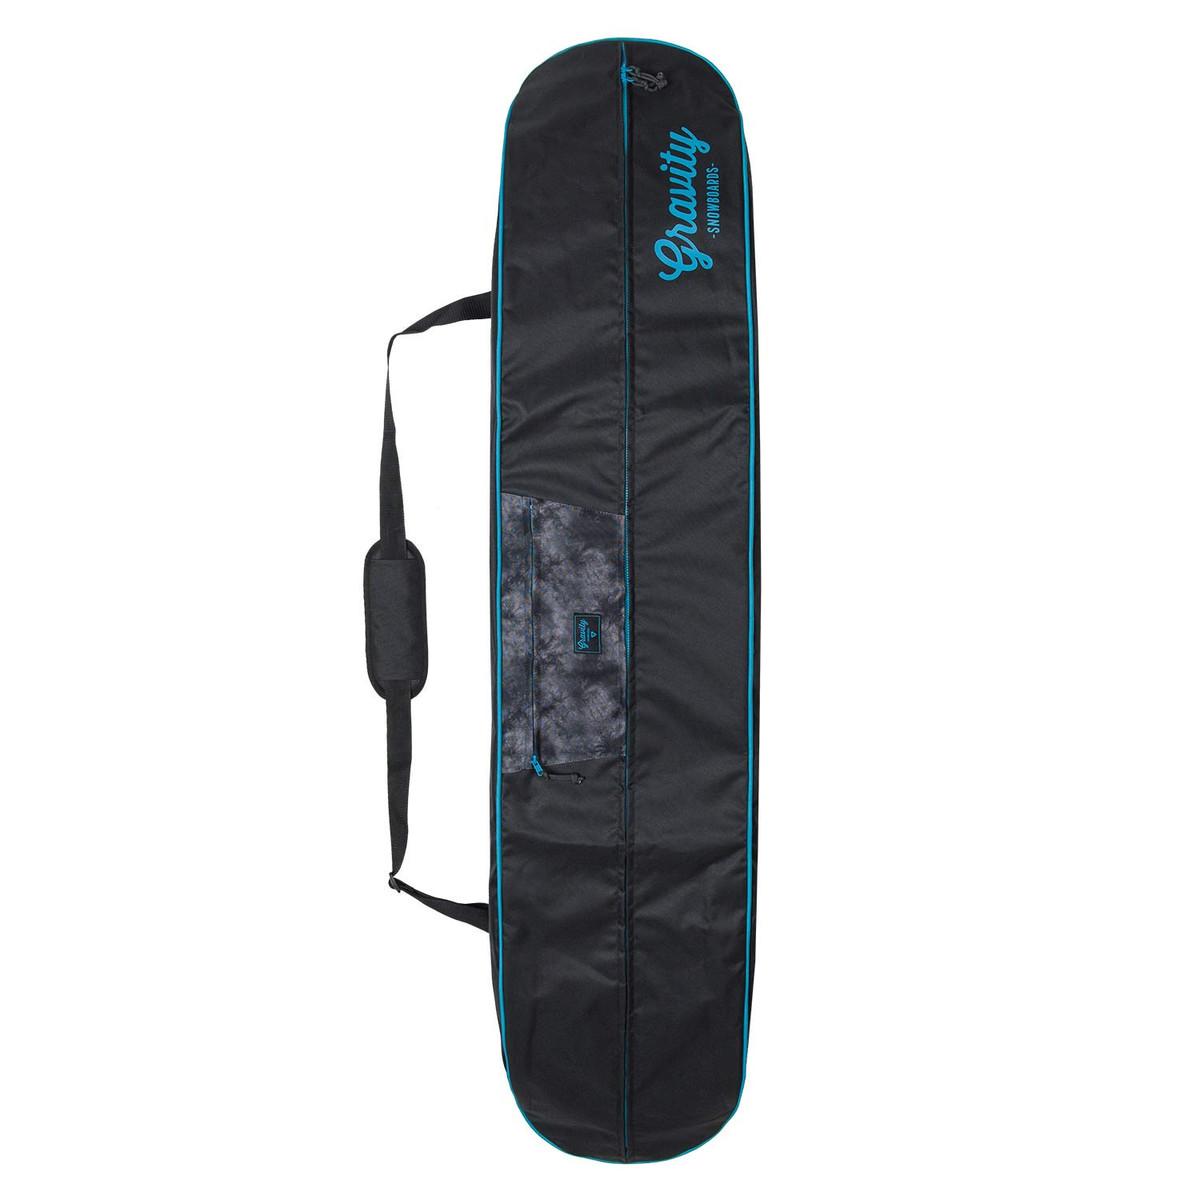 Obal na snowboard Gravity Vivid 17/18 160 cm